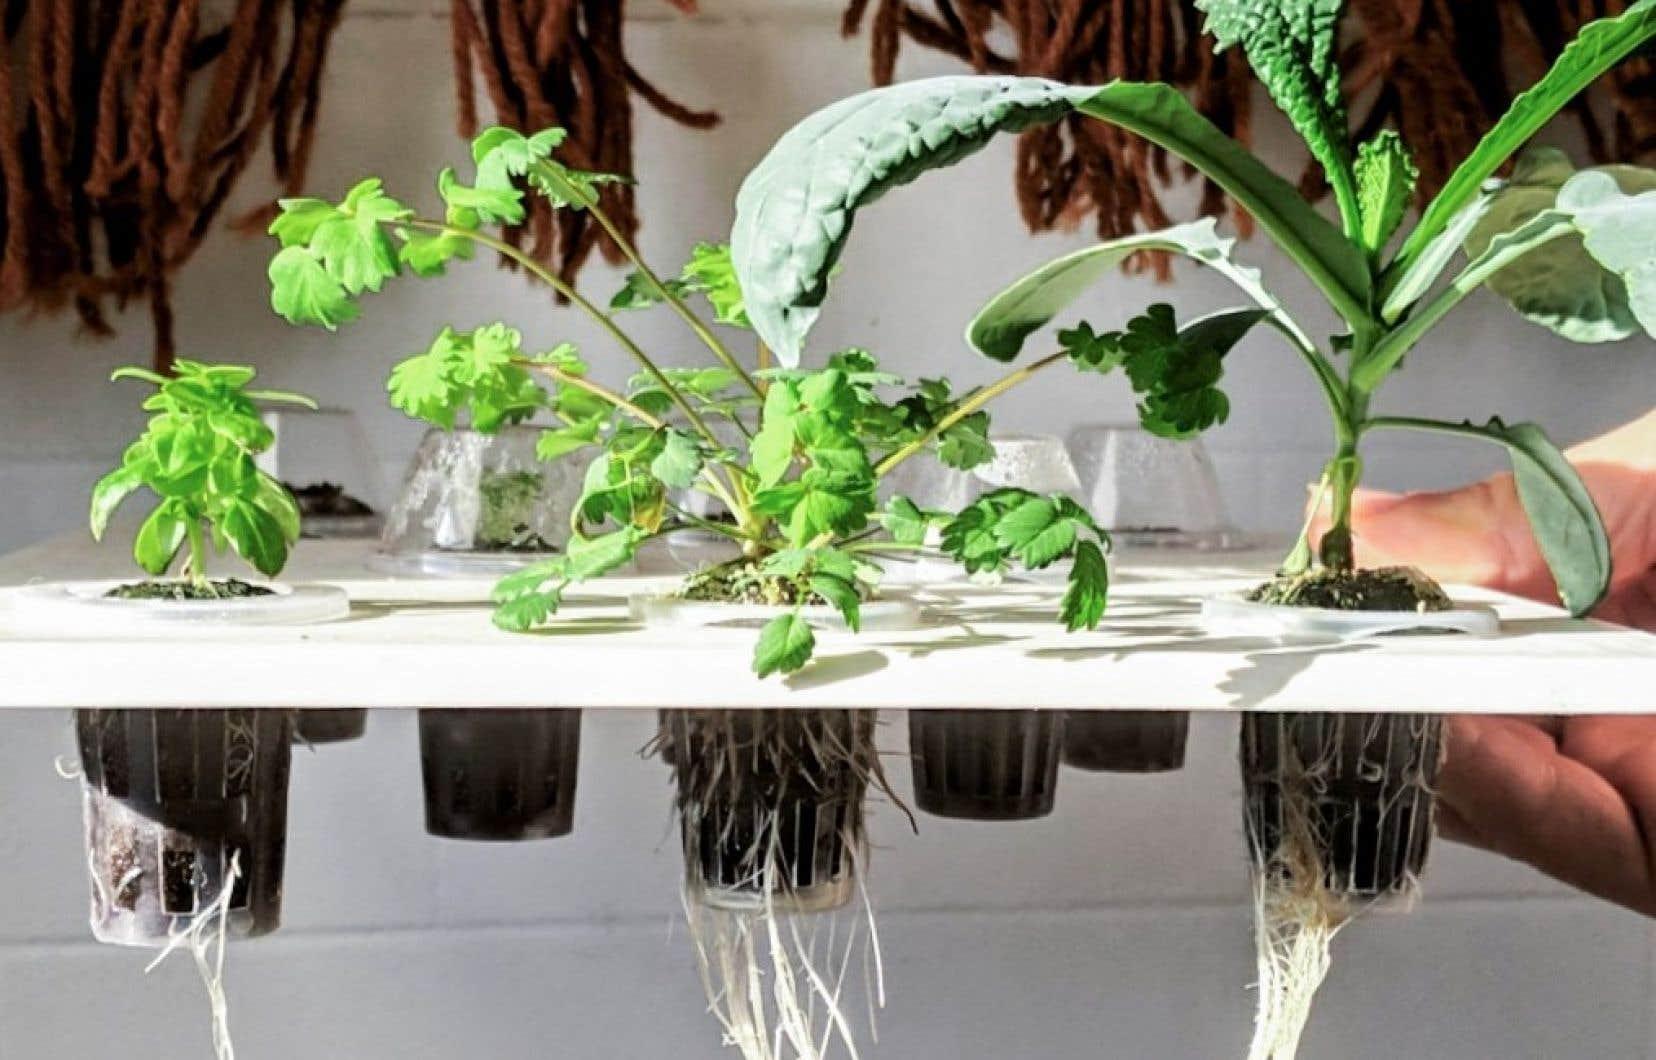 L'approche hydroponique, par laquelle les plantes poussent dans l'eau plutôt que dans la terre, requiert une bonne gestion de l'apport en eau.